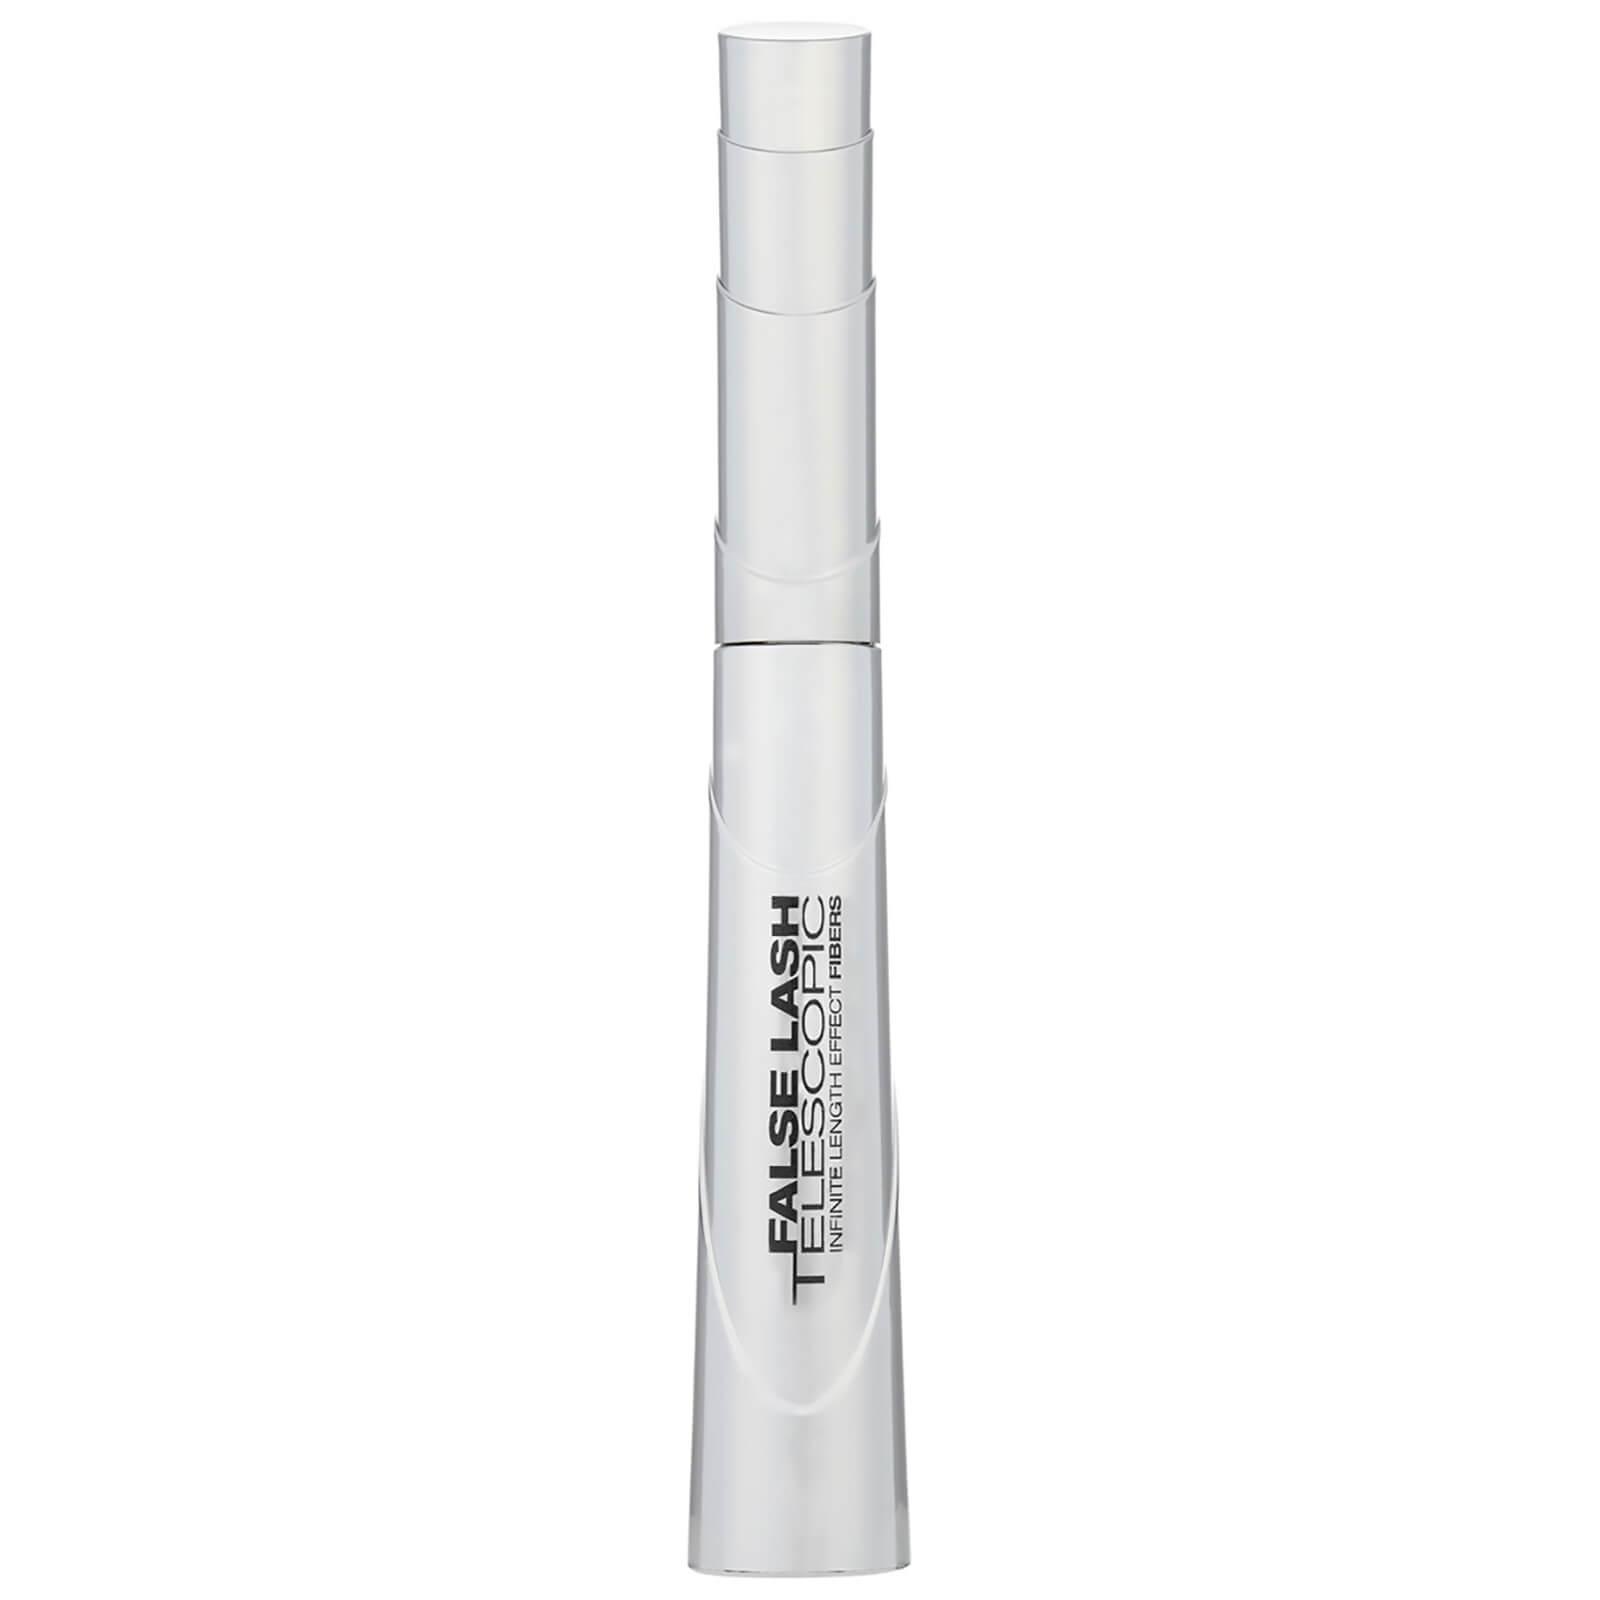 Купить Тушь для ресниц L'Oréal Paris Telescopic Magnetic Mascara - Black